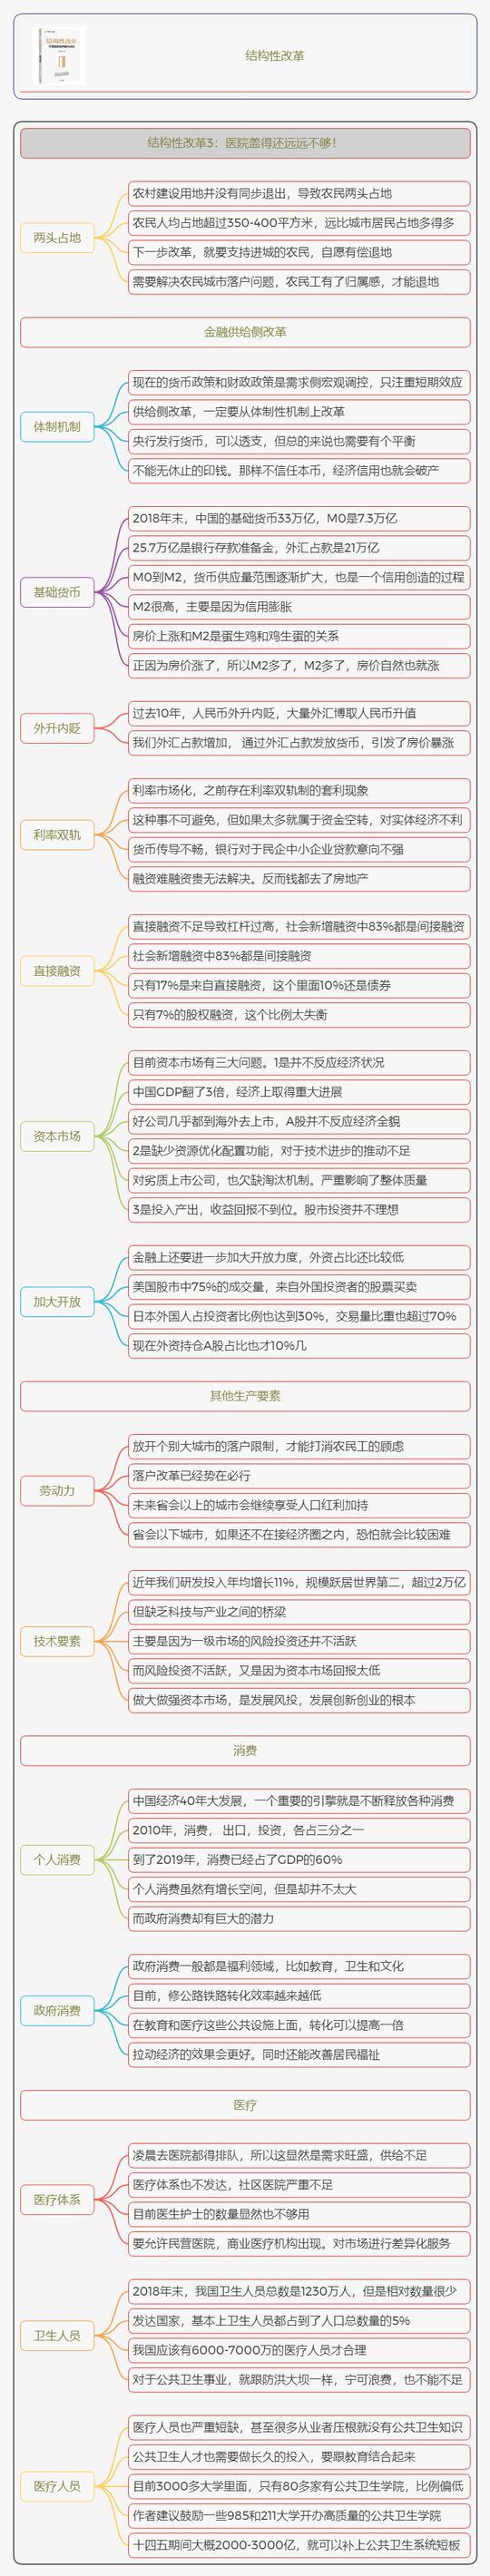 结构性改革读书笔记